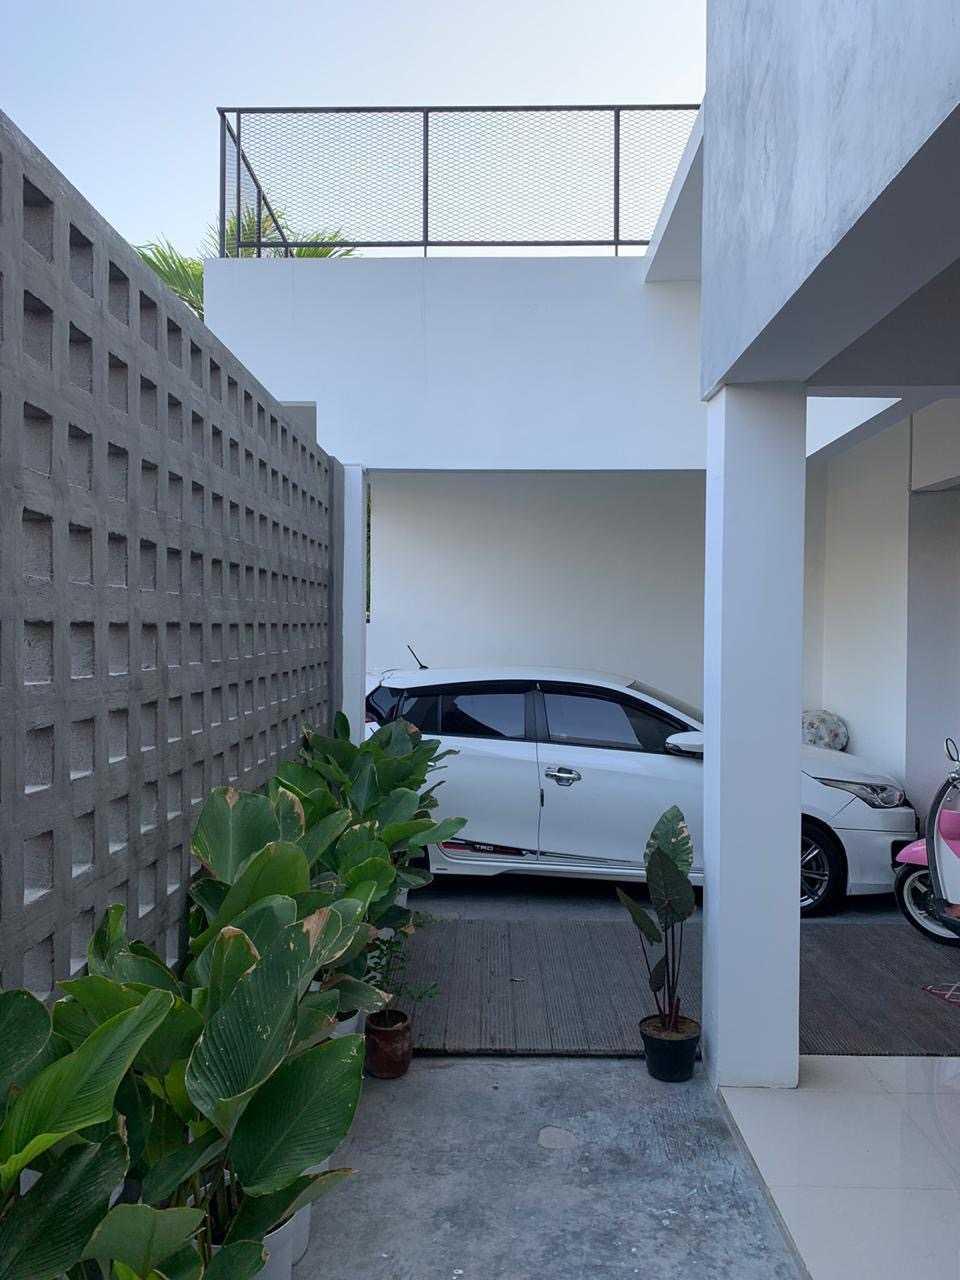 D4 Maison 33 Sidoarjo, Kec. Sidoarjo, Kabupaten Sidoarjo, Jawa Timur, Indonesia Sidoarjo, Kec. Sidoarjo, Kabupaten Sidoarjo, Jawa Timur, Indonesia D4-Maison-33  109369